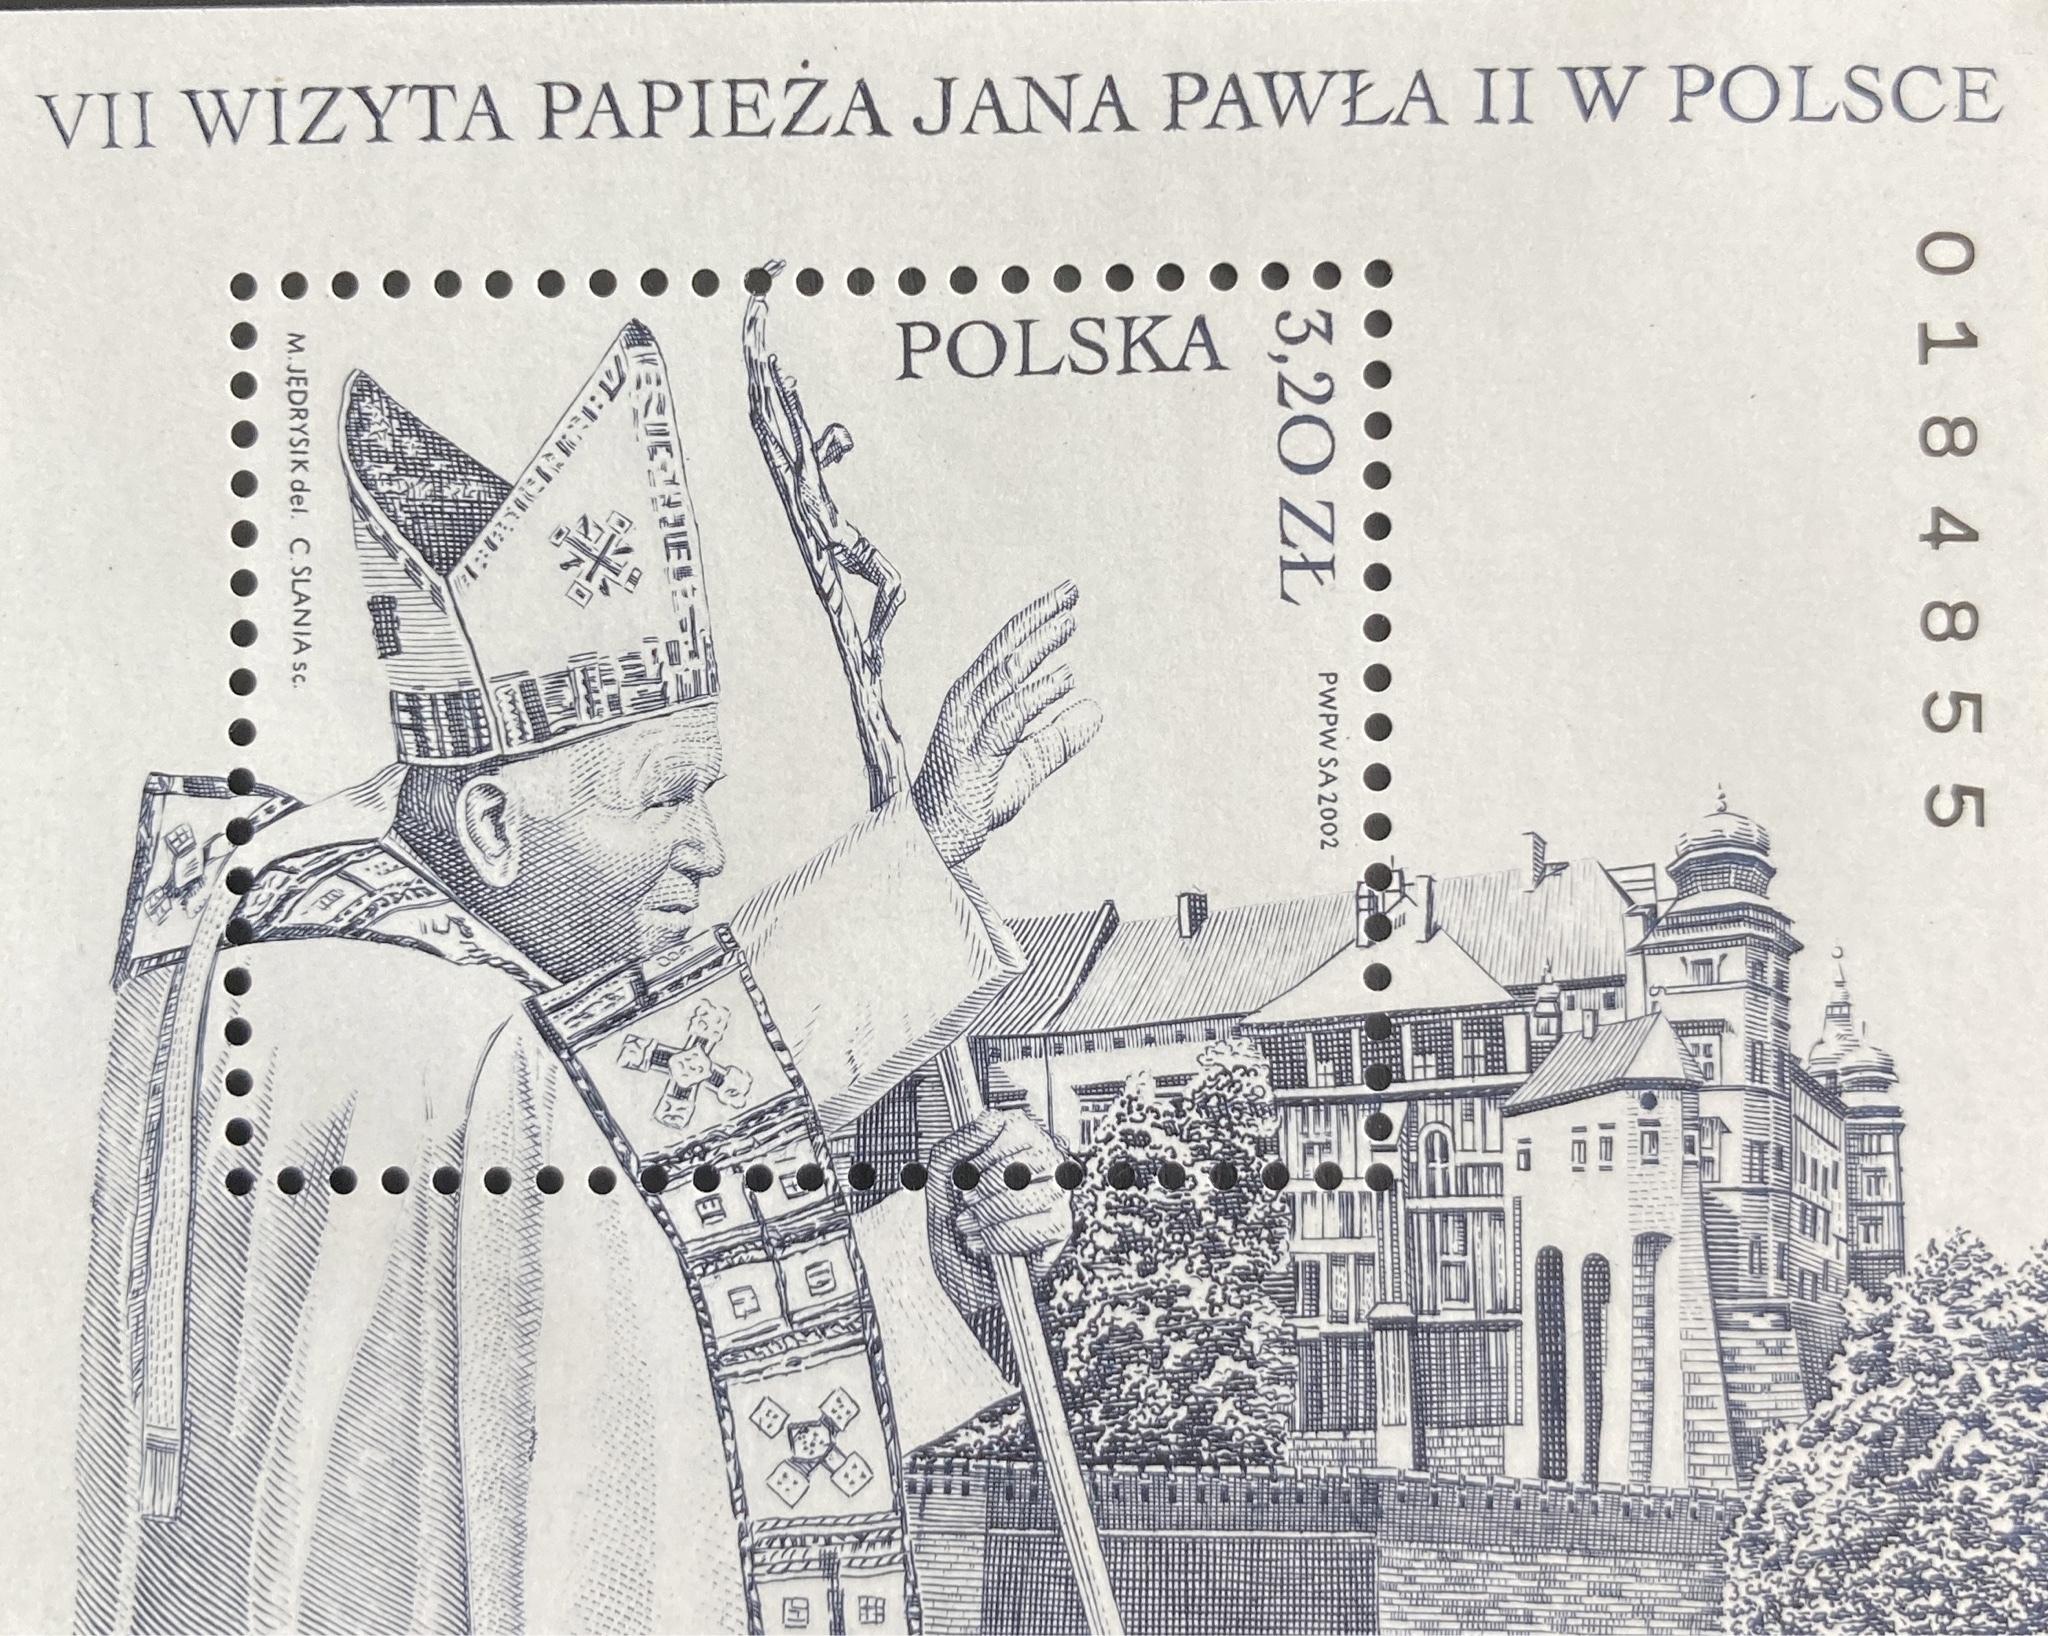 VII Wizyta Papieża Jana Pawła II w Polsce